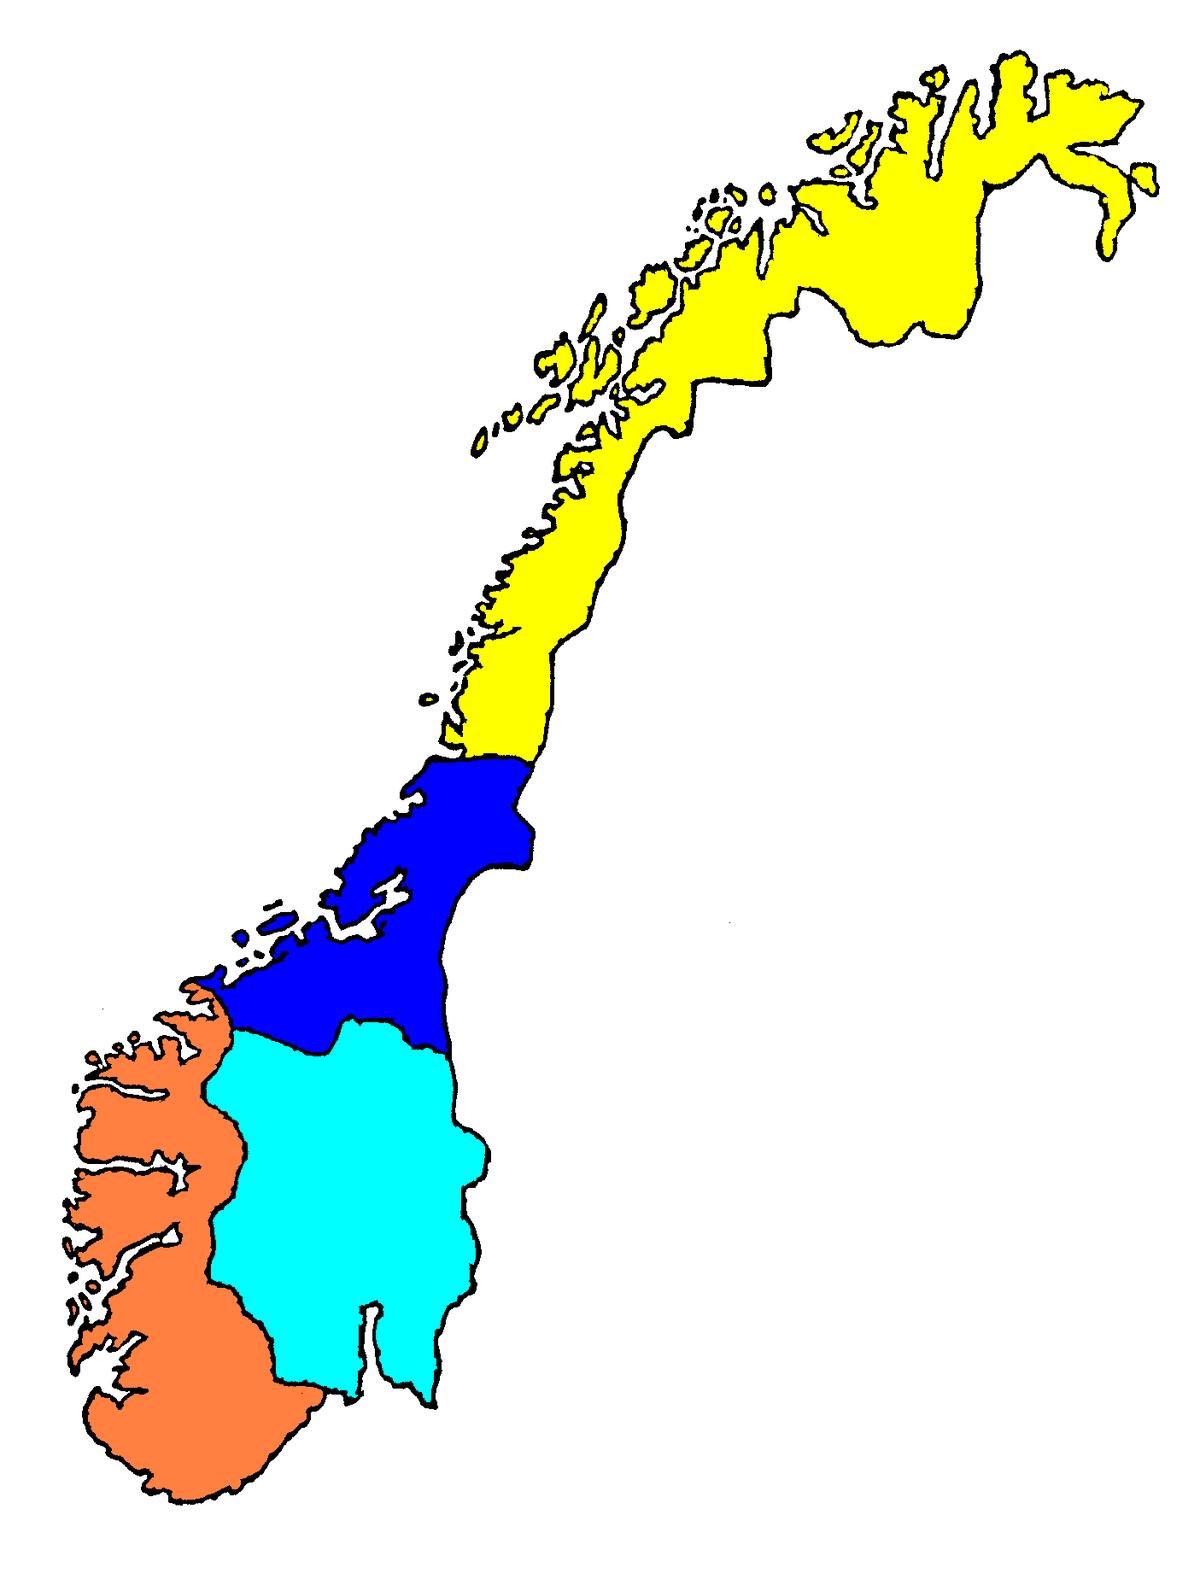 Norska bocker kan fa smygmoms